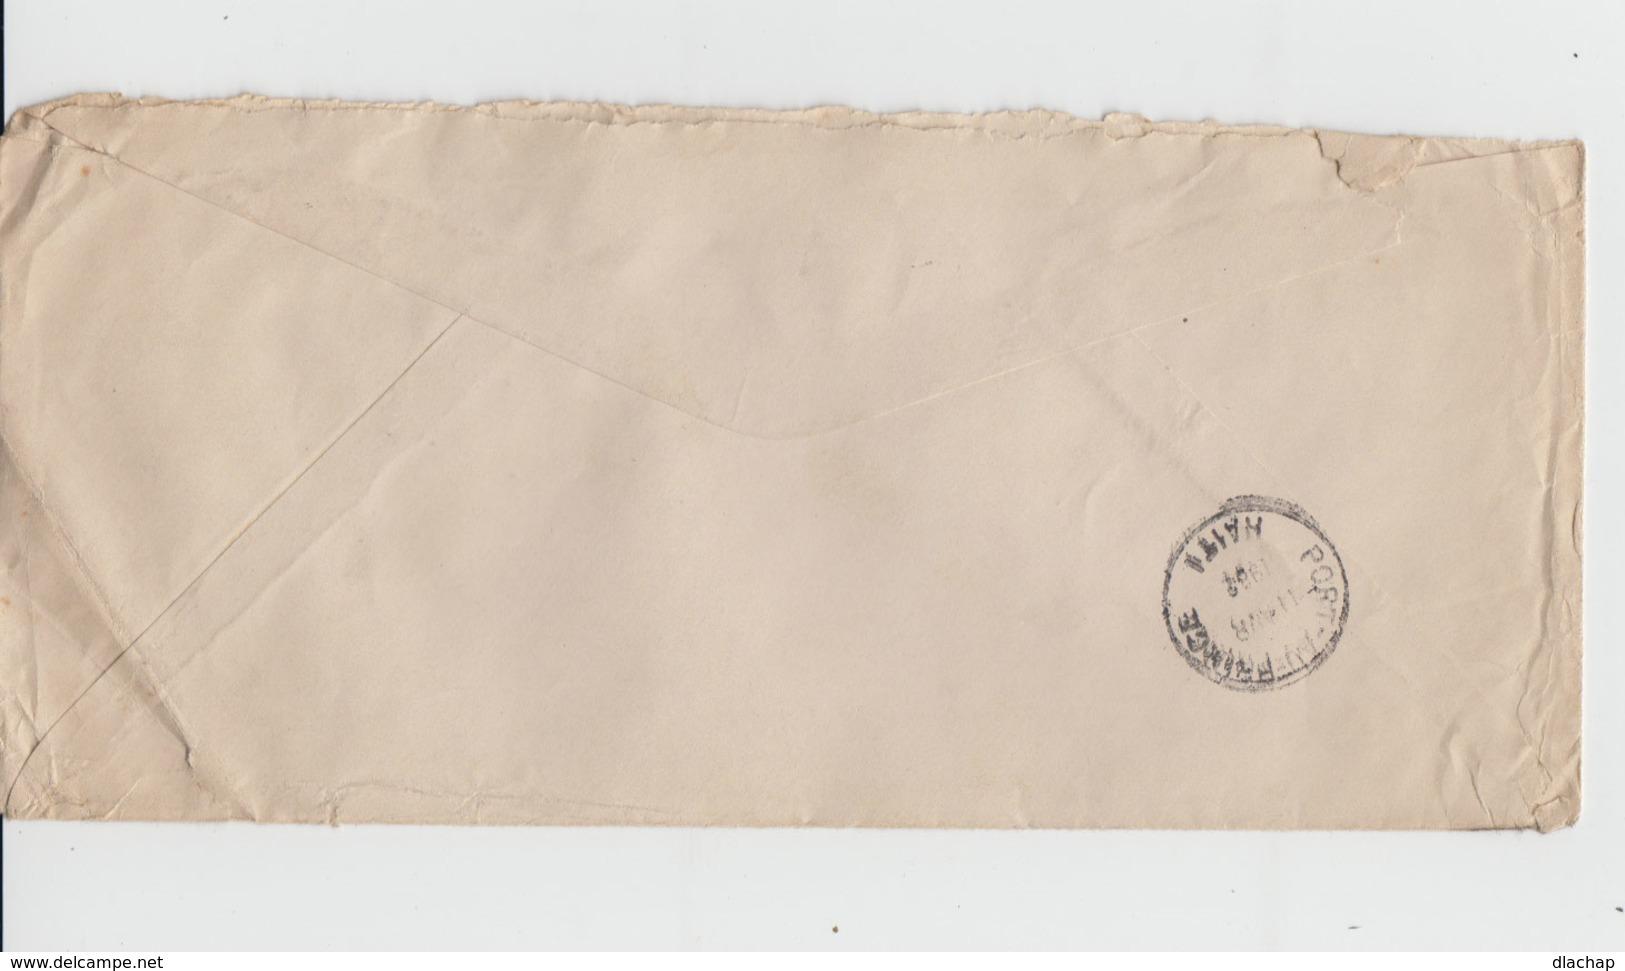 Sur Enveloppe Deux Timbres Républica De Cuba Correo Aero Internationa. CAD Habana Correo Aero 1932. (709) - Poste Aérienne